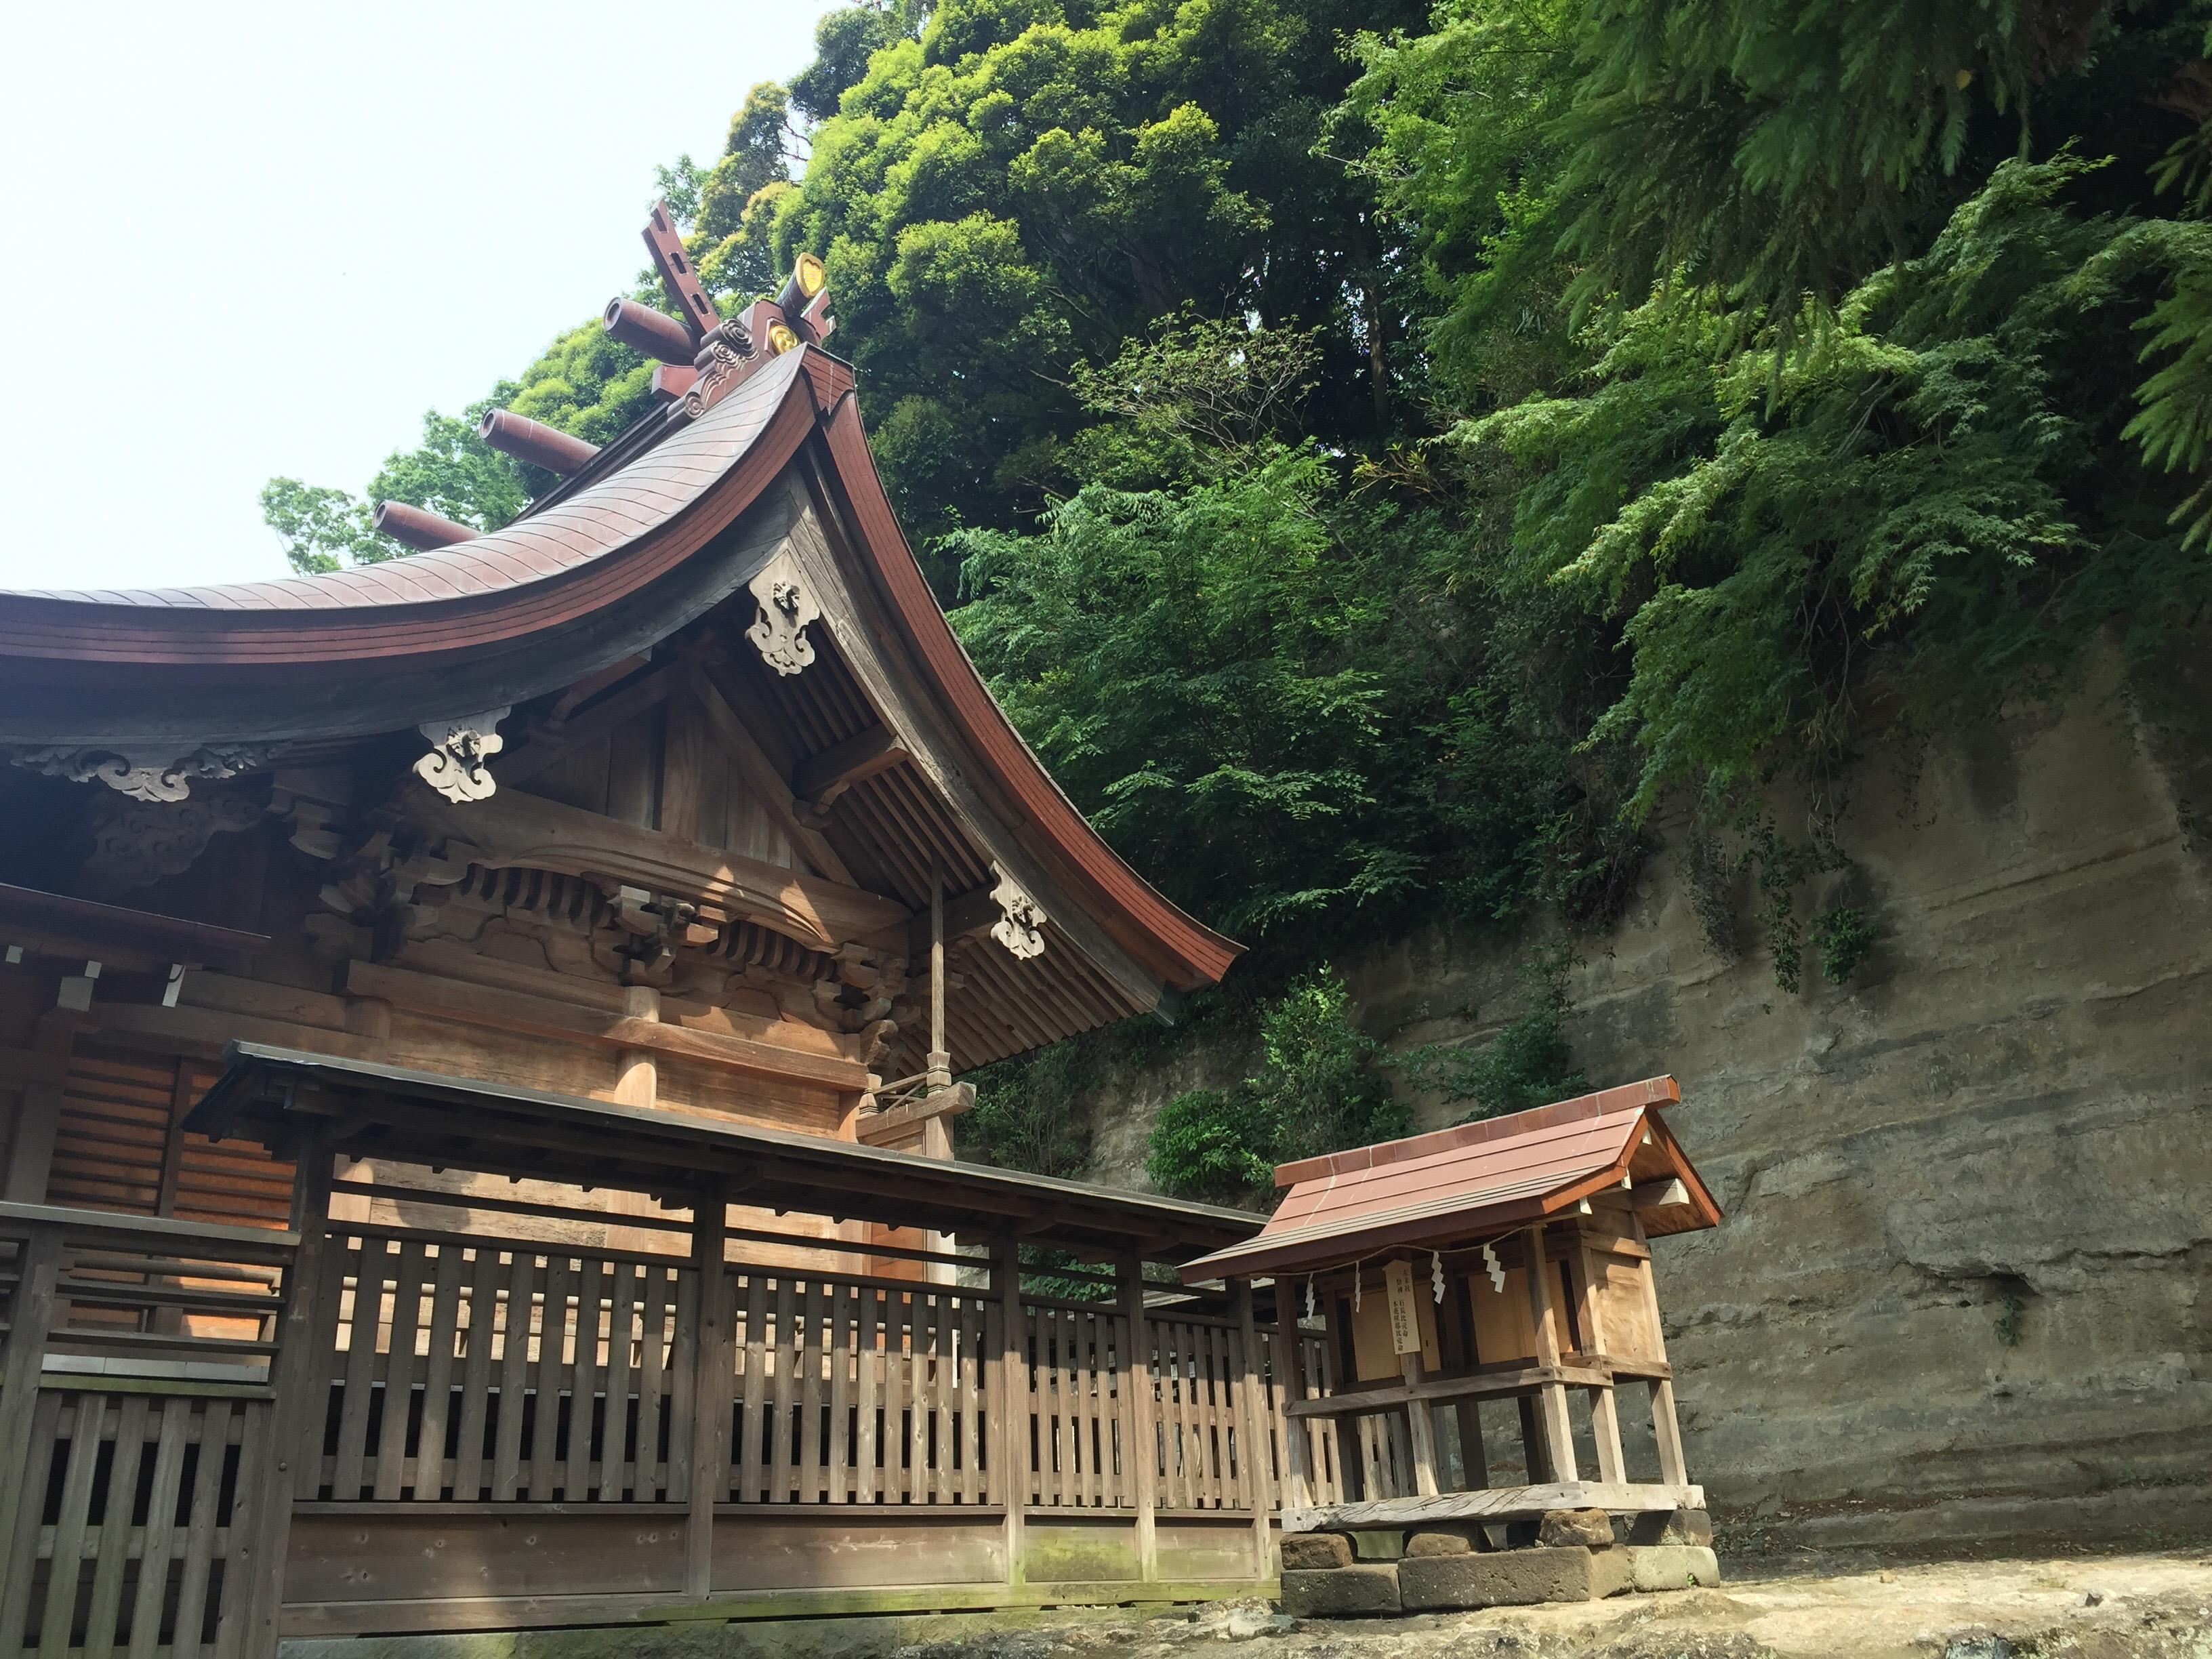 源頼朝を将軍に導いた瀬戸神社。金沢八景に響く鎌倉時代の潮の音。